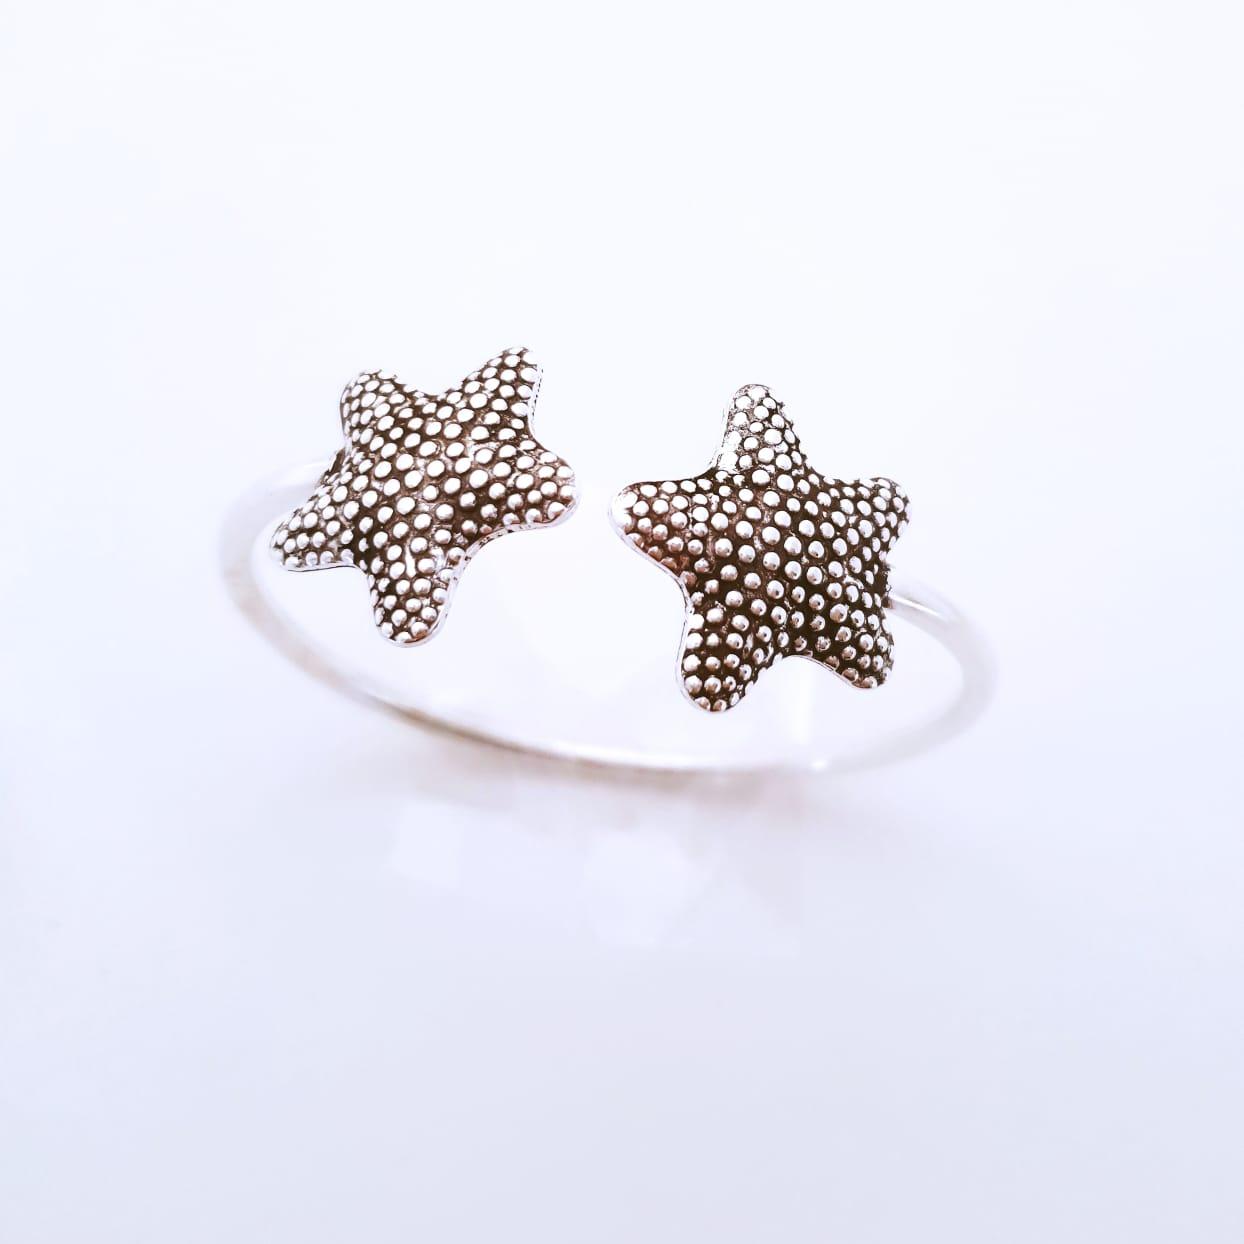 Bracelete de Prata Estrela do Mar Pontilhada